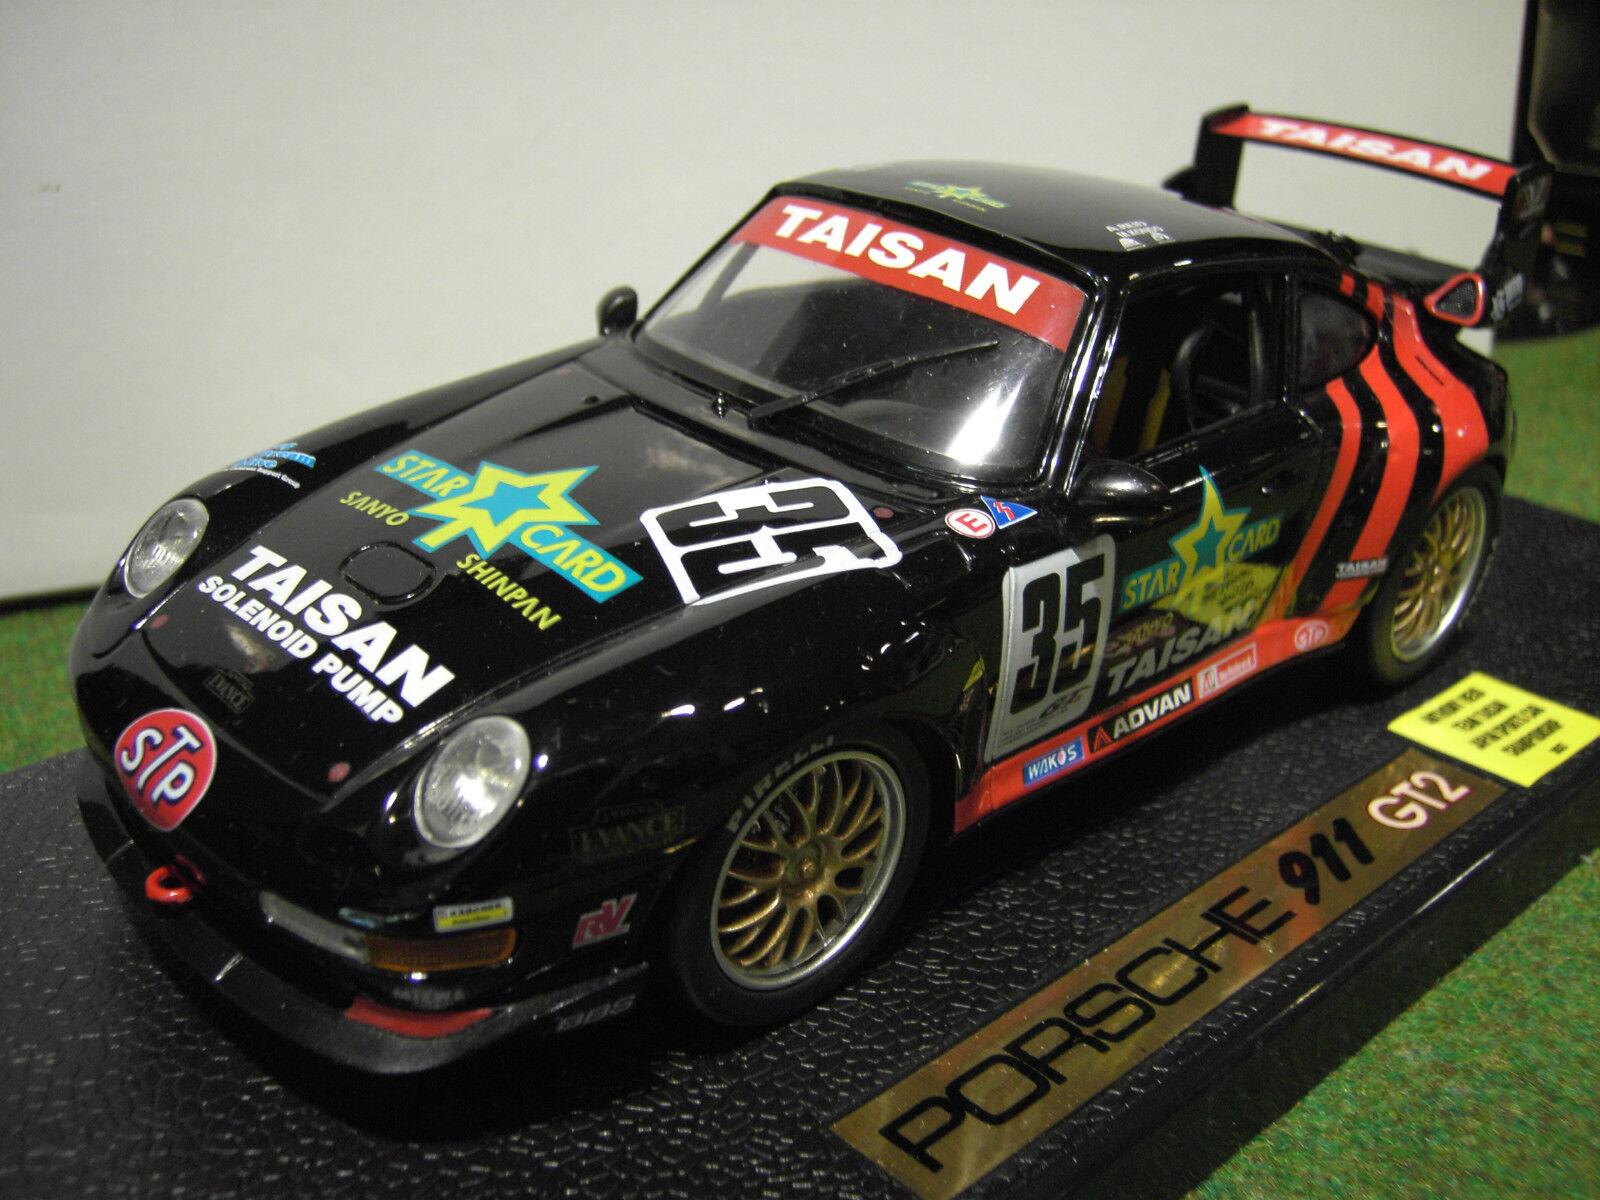 PORSCHE 911 GT2 RACING ANTHONY REID  JAPAN voiture 1 18 ANSON 30327 voiture miniature  jusqu'à 60% de réduction